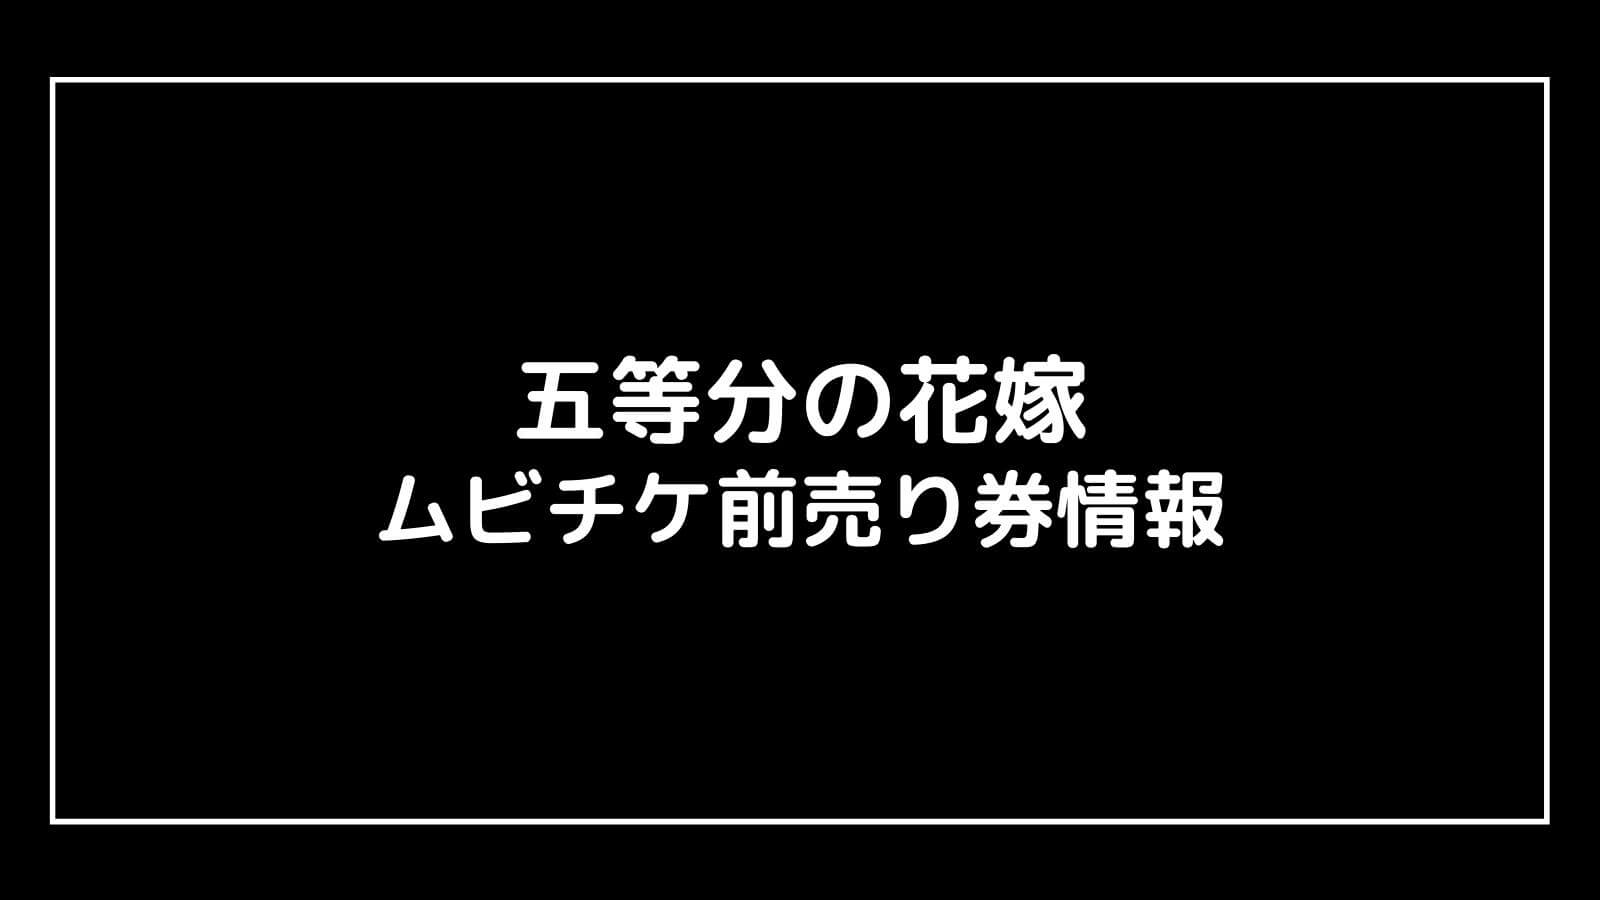 映画『五等分の花嫁』特典付きムビチケ前売り券はいつ発売する?